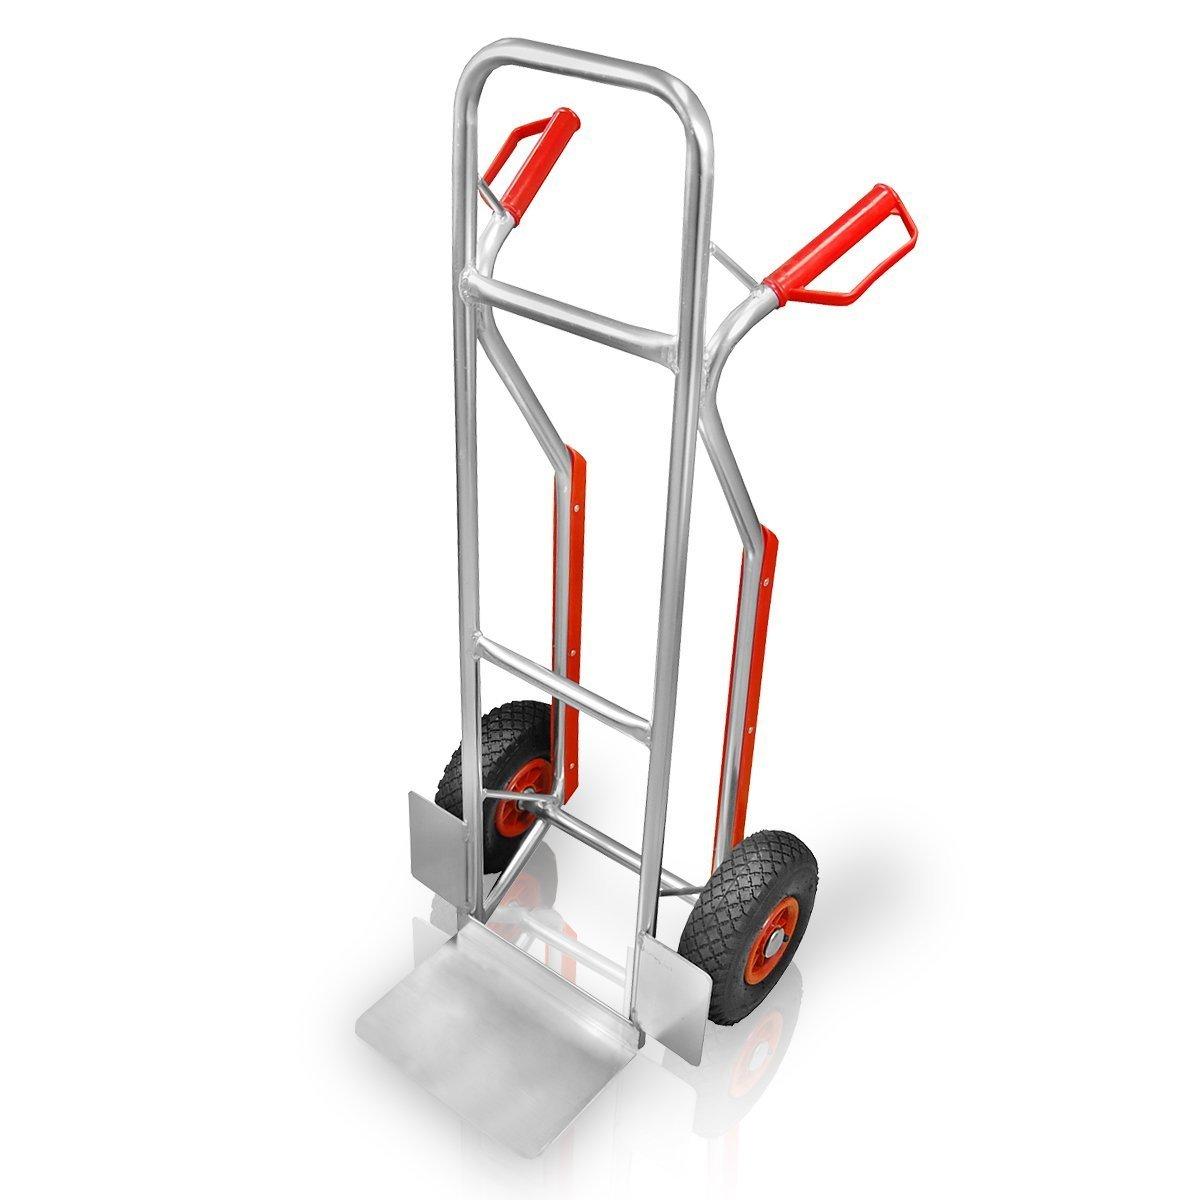 Carretilla con escalera (aluminio, 150 kg): Amazon.es: Industria, empresas y ciencia